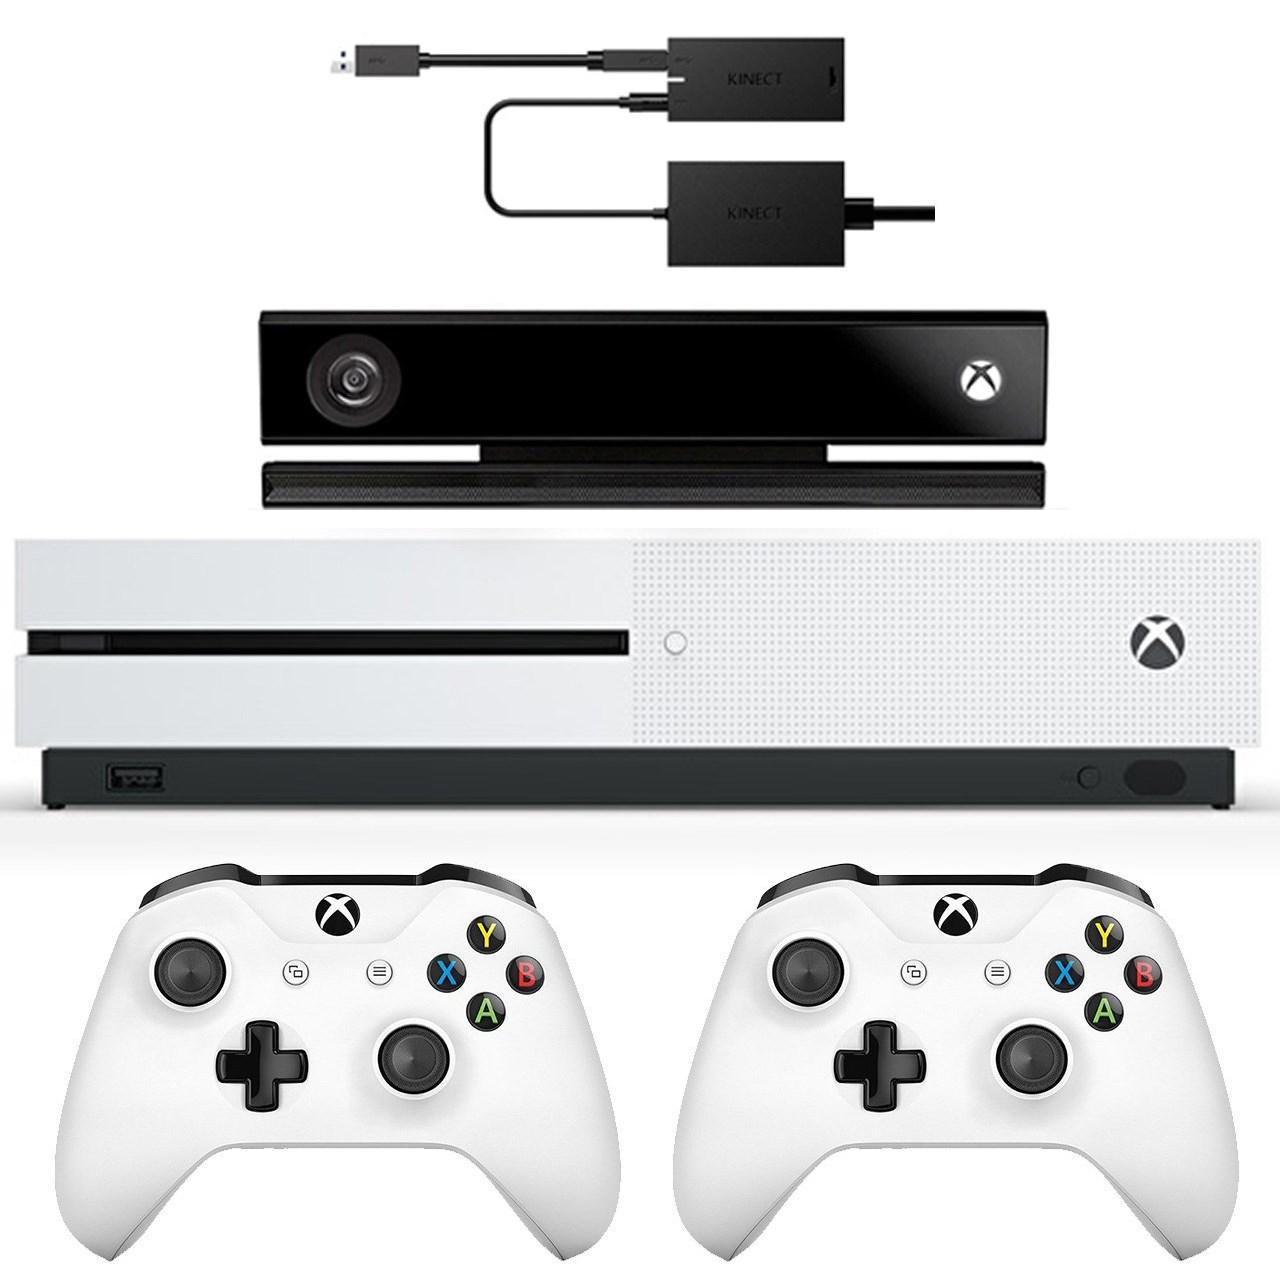 مشخصات و قیمت خرید کنسول بازی مایکروسافت مدل Xbox One S ظرفیت 1 ترابایت